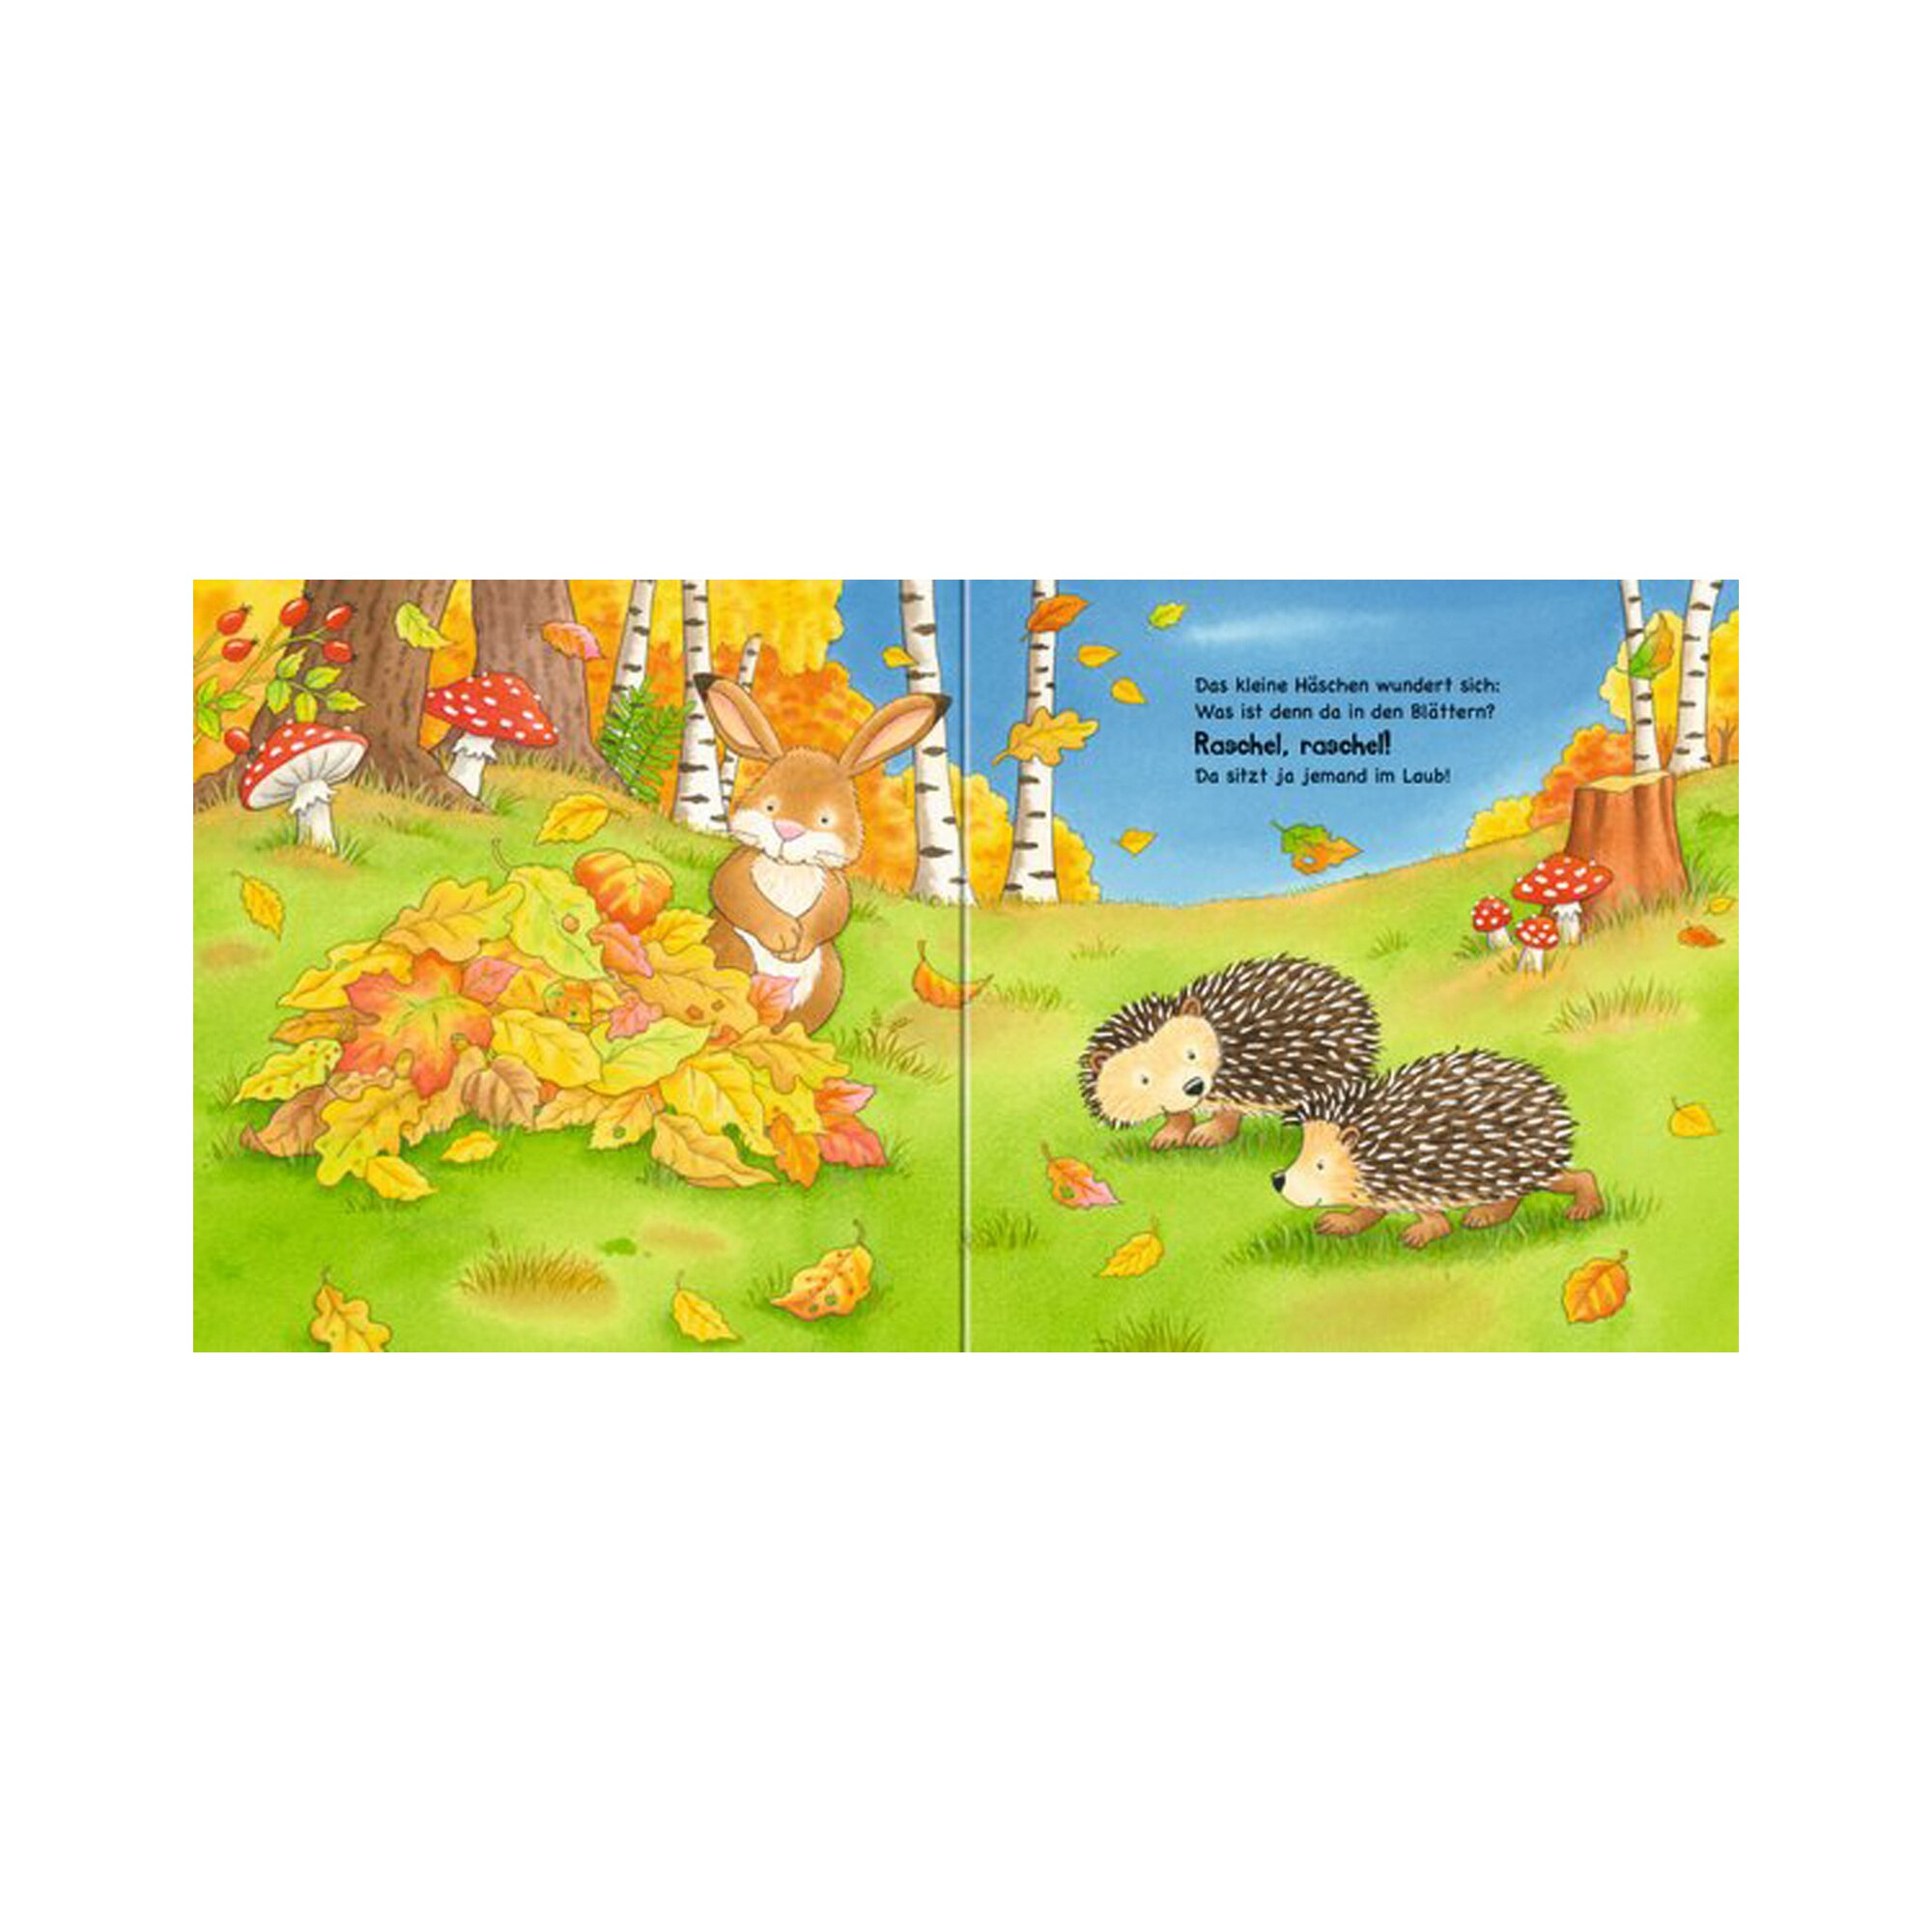 ravensburger-pappbilderbuch-mein-allererstes-stickerbuch-tiere-im-wald